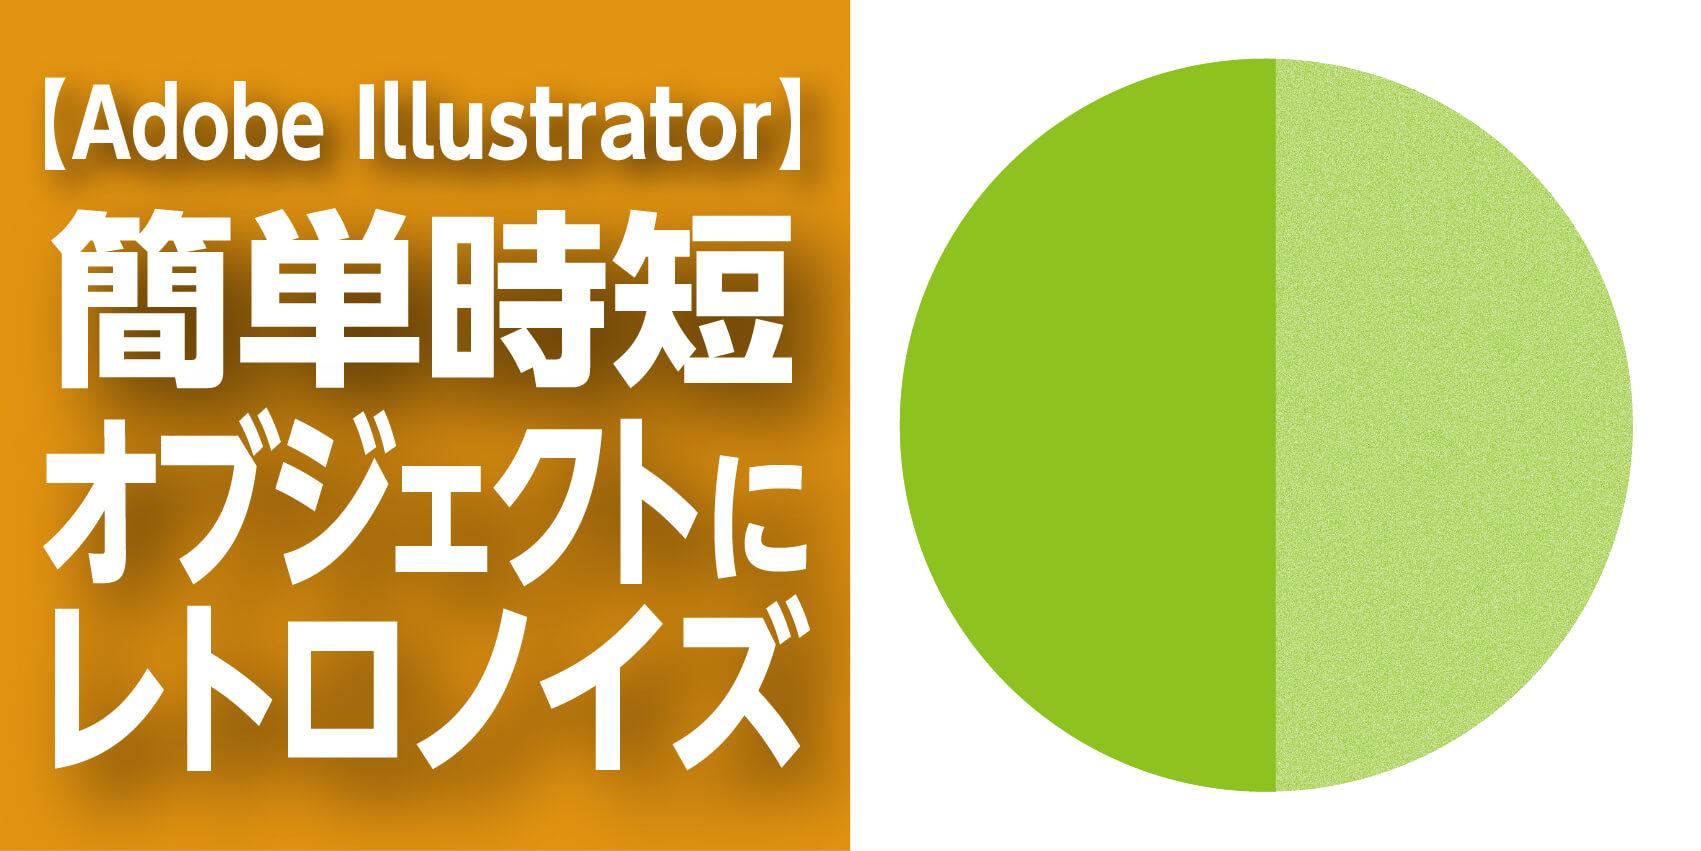 【Illustrator CC】オブジェクトカラーにレトロノイズを加える方法